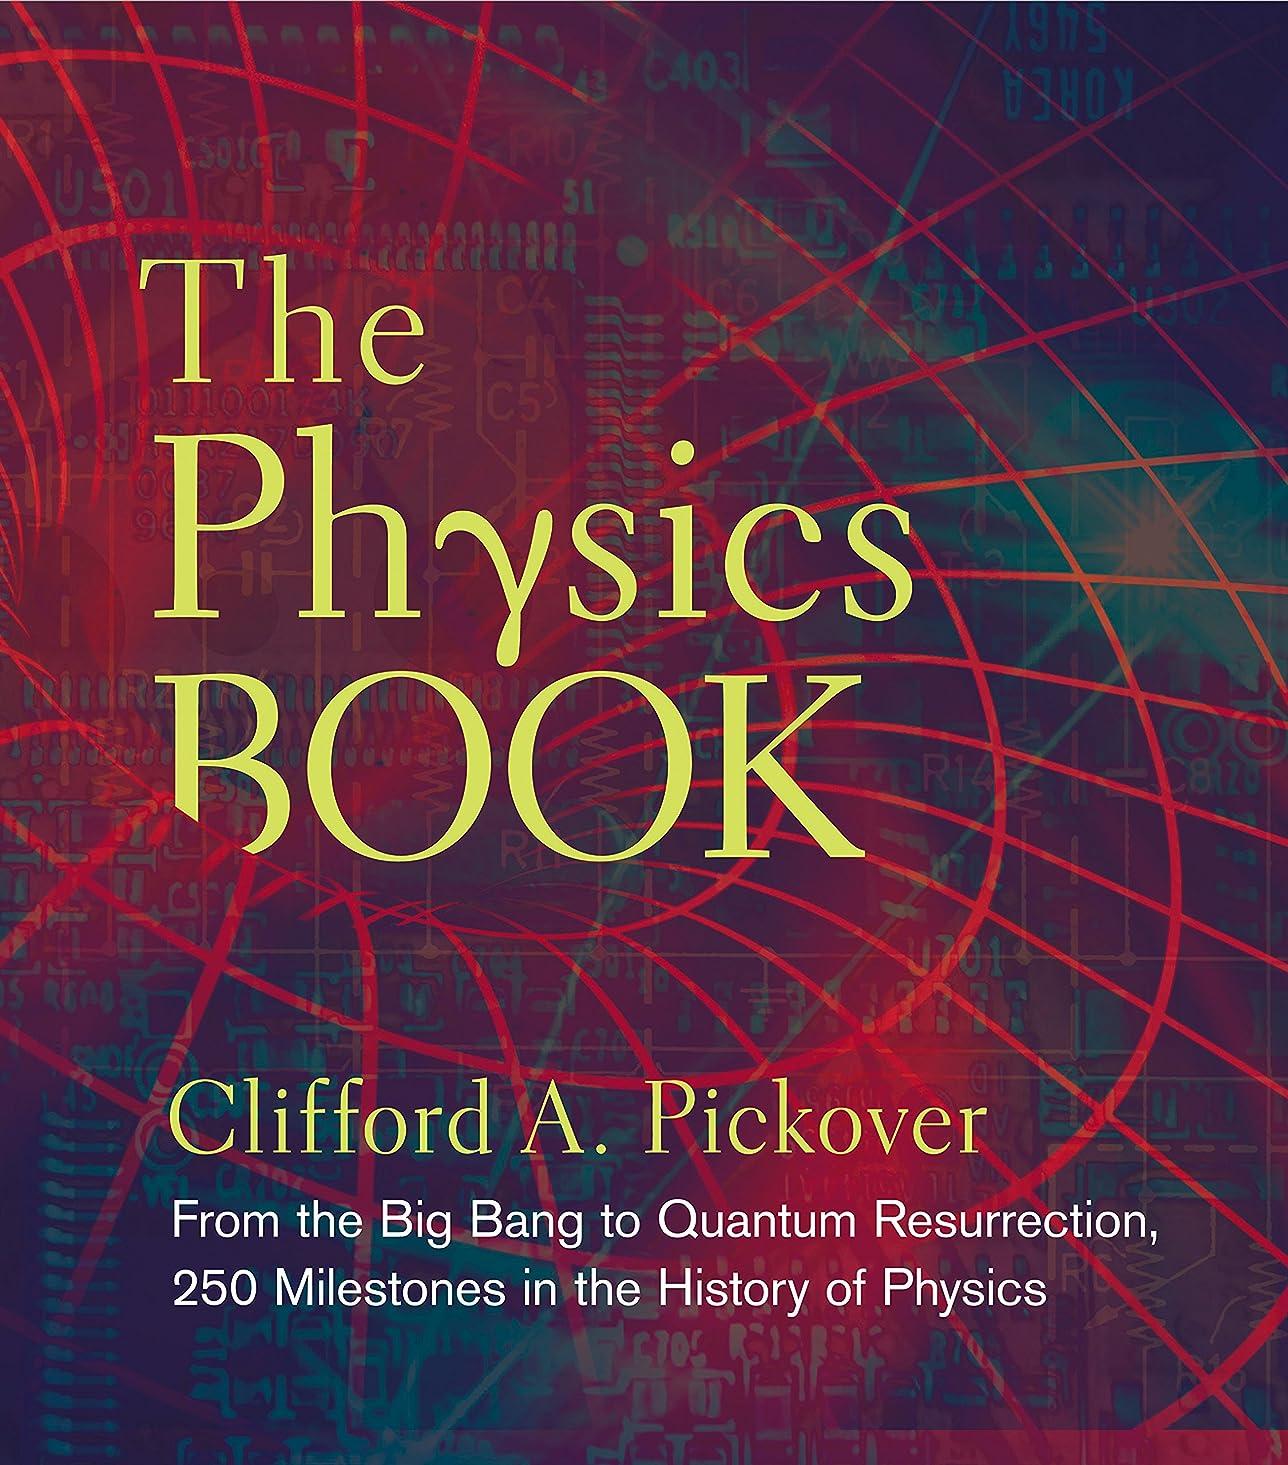 中性貯水池息切れThe Physics Book: From the Big Bang to Quantum Resurrection, 250 Milestones in the History of Physics (Sterling Milestones) (English Edition)